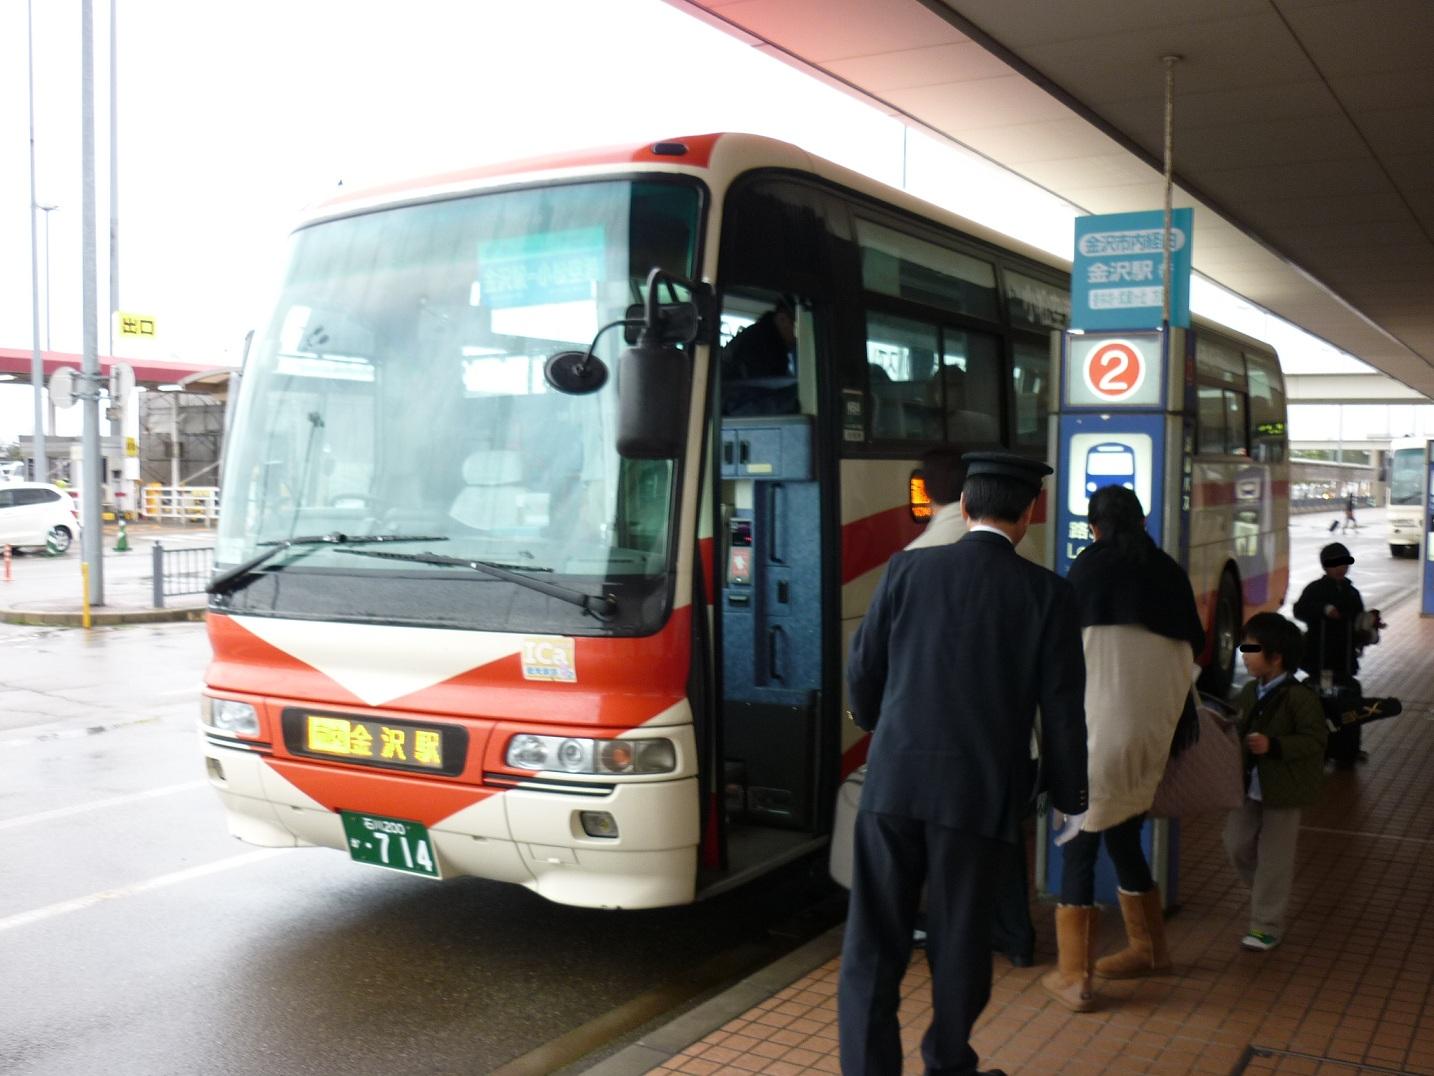 小松空港特急バス - バス乗車記 バス乗車記 高速バス・夜行バス・長距離バスの乗車レビューです